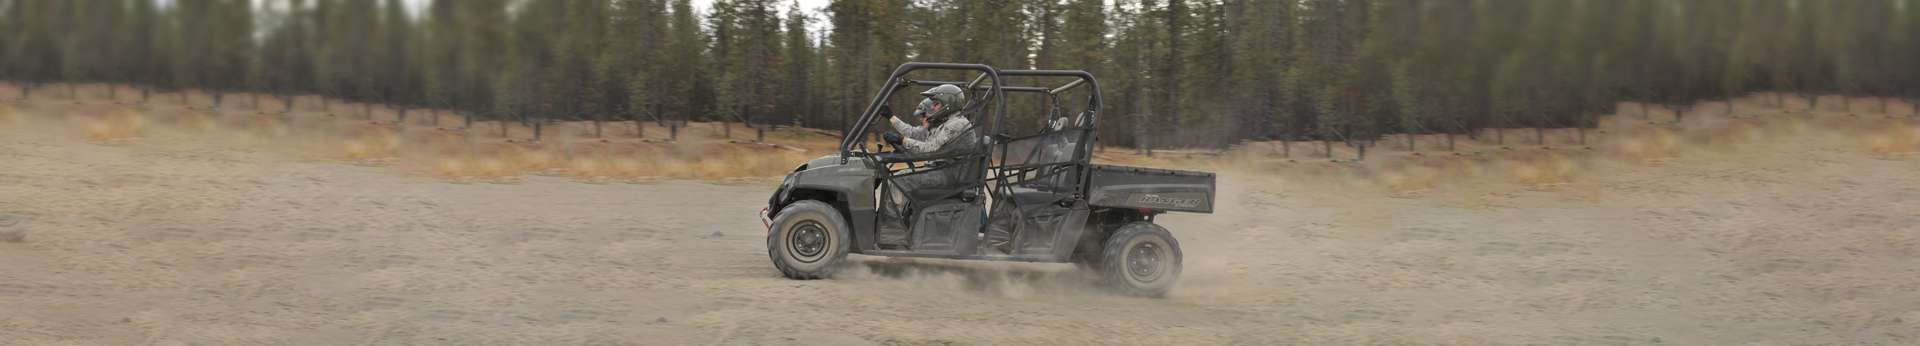 Ranger 1000 XP 4 wersja dla trzech czterech osób wyciągarka 3500 LB linka stalowa